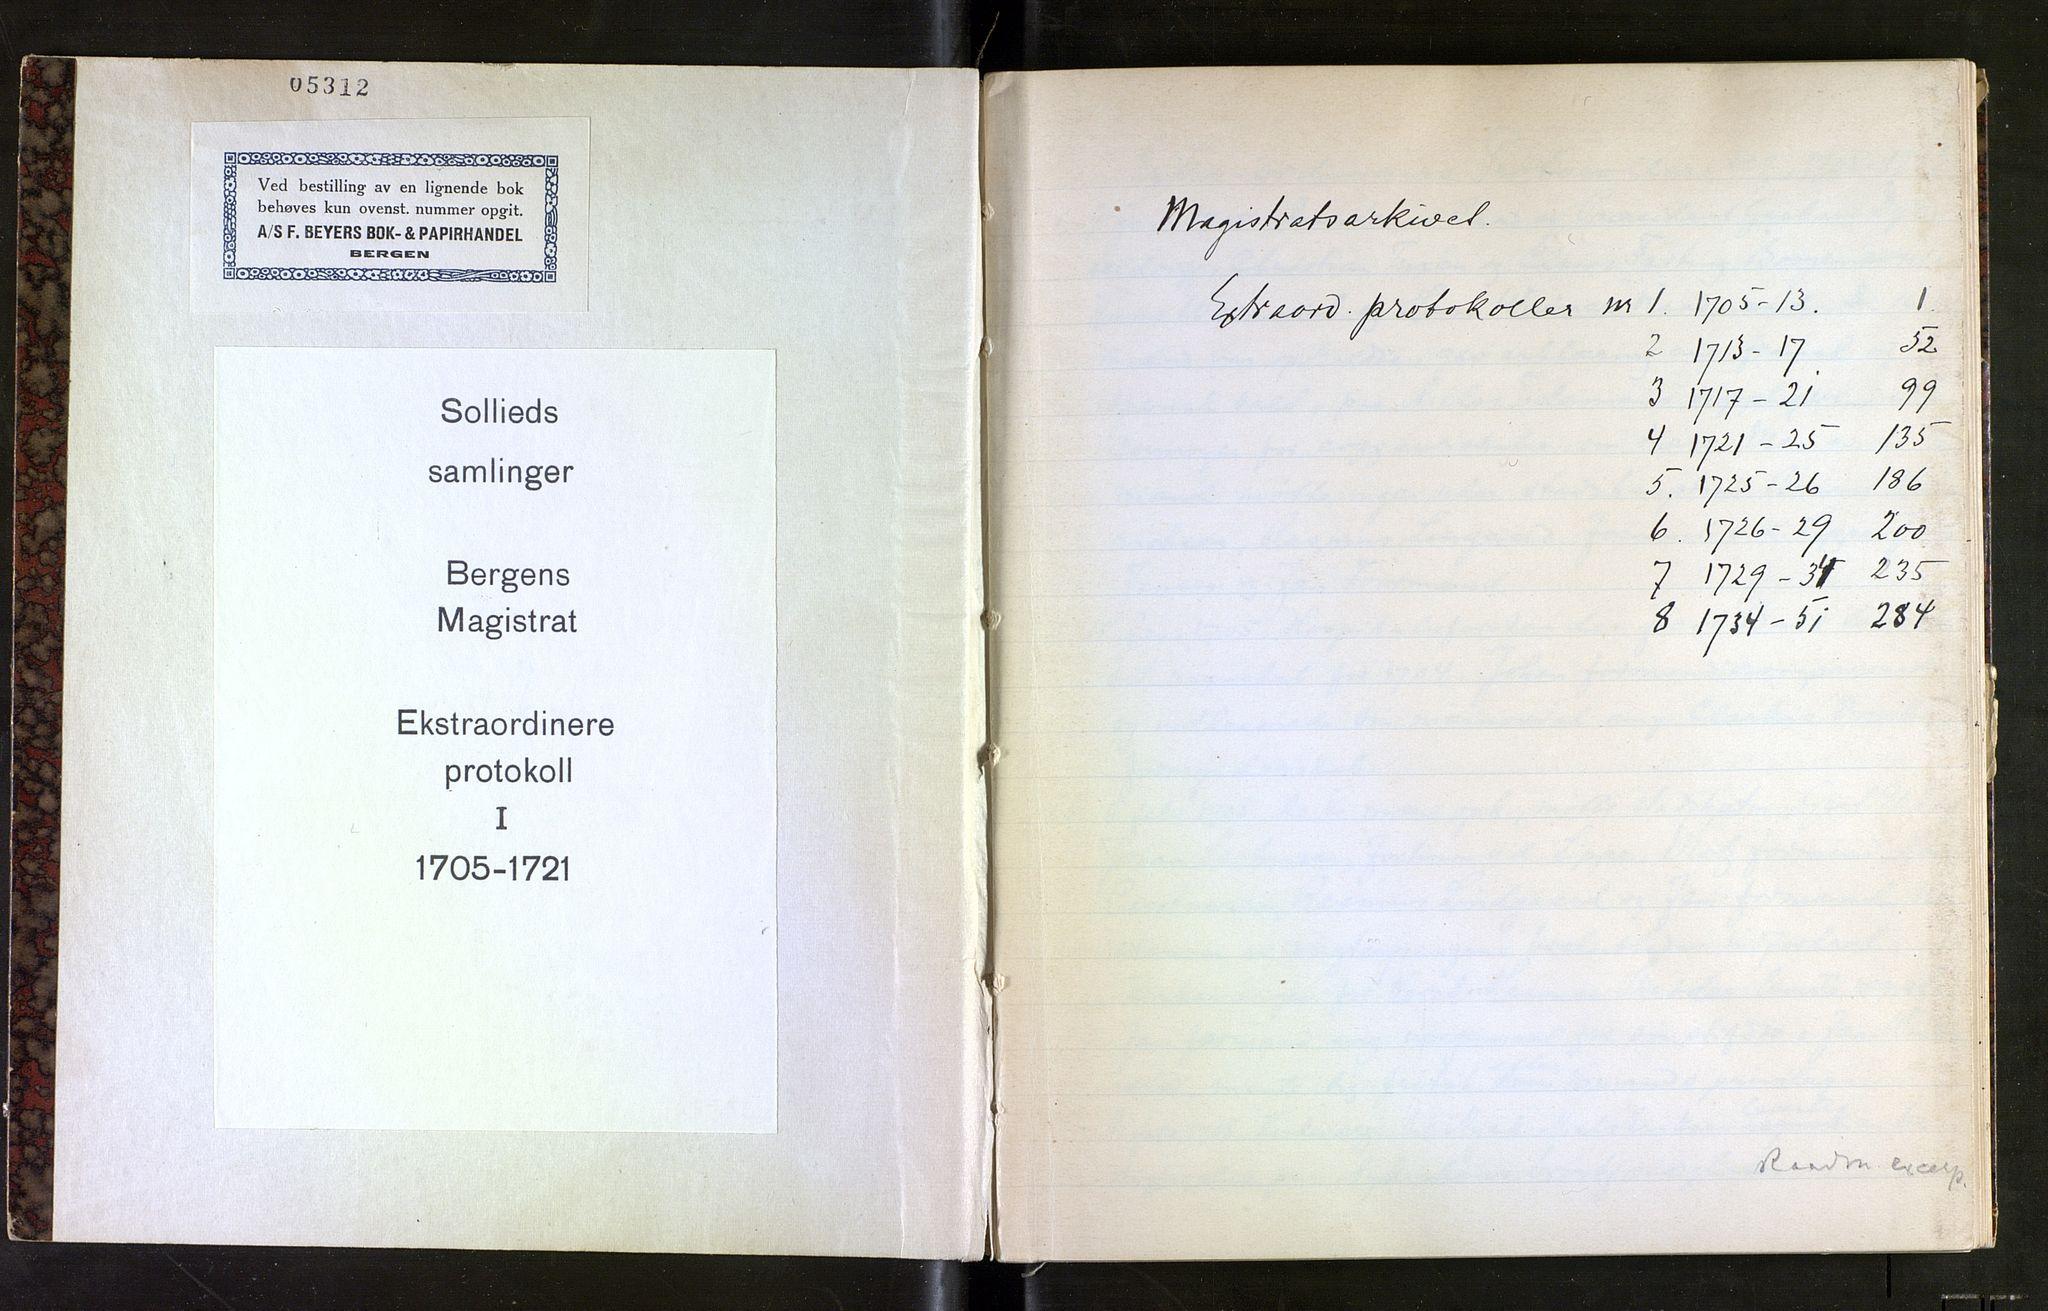 SAB, Sollied, Olaf og Thora - samlinger, 01/L0016: Utdrag av diverse, 1705-1721